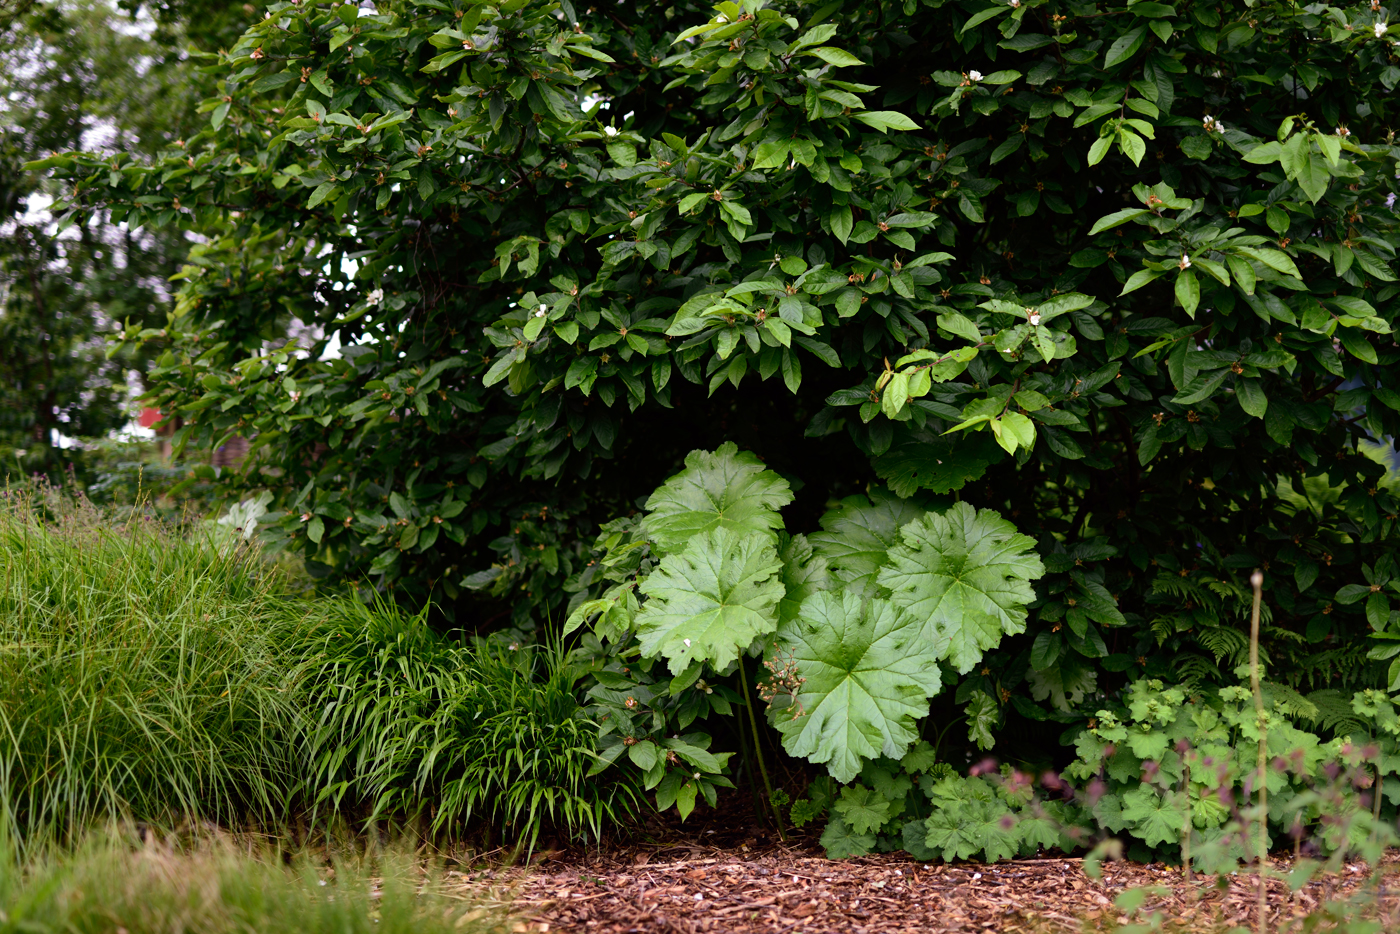 Darmera peltata, Schildblatt, ist durch eine Mispel gewandert (Ende Mai)